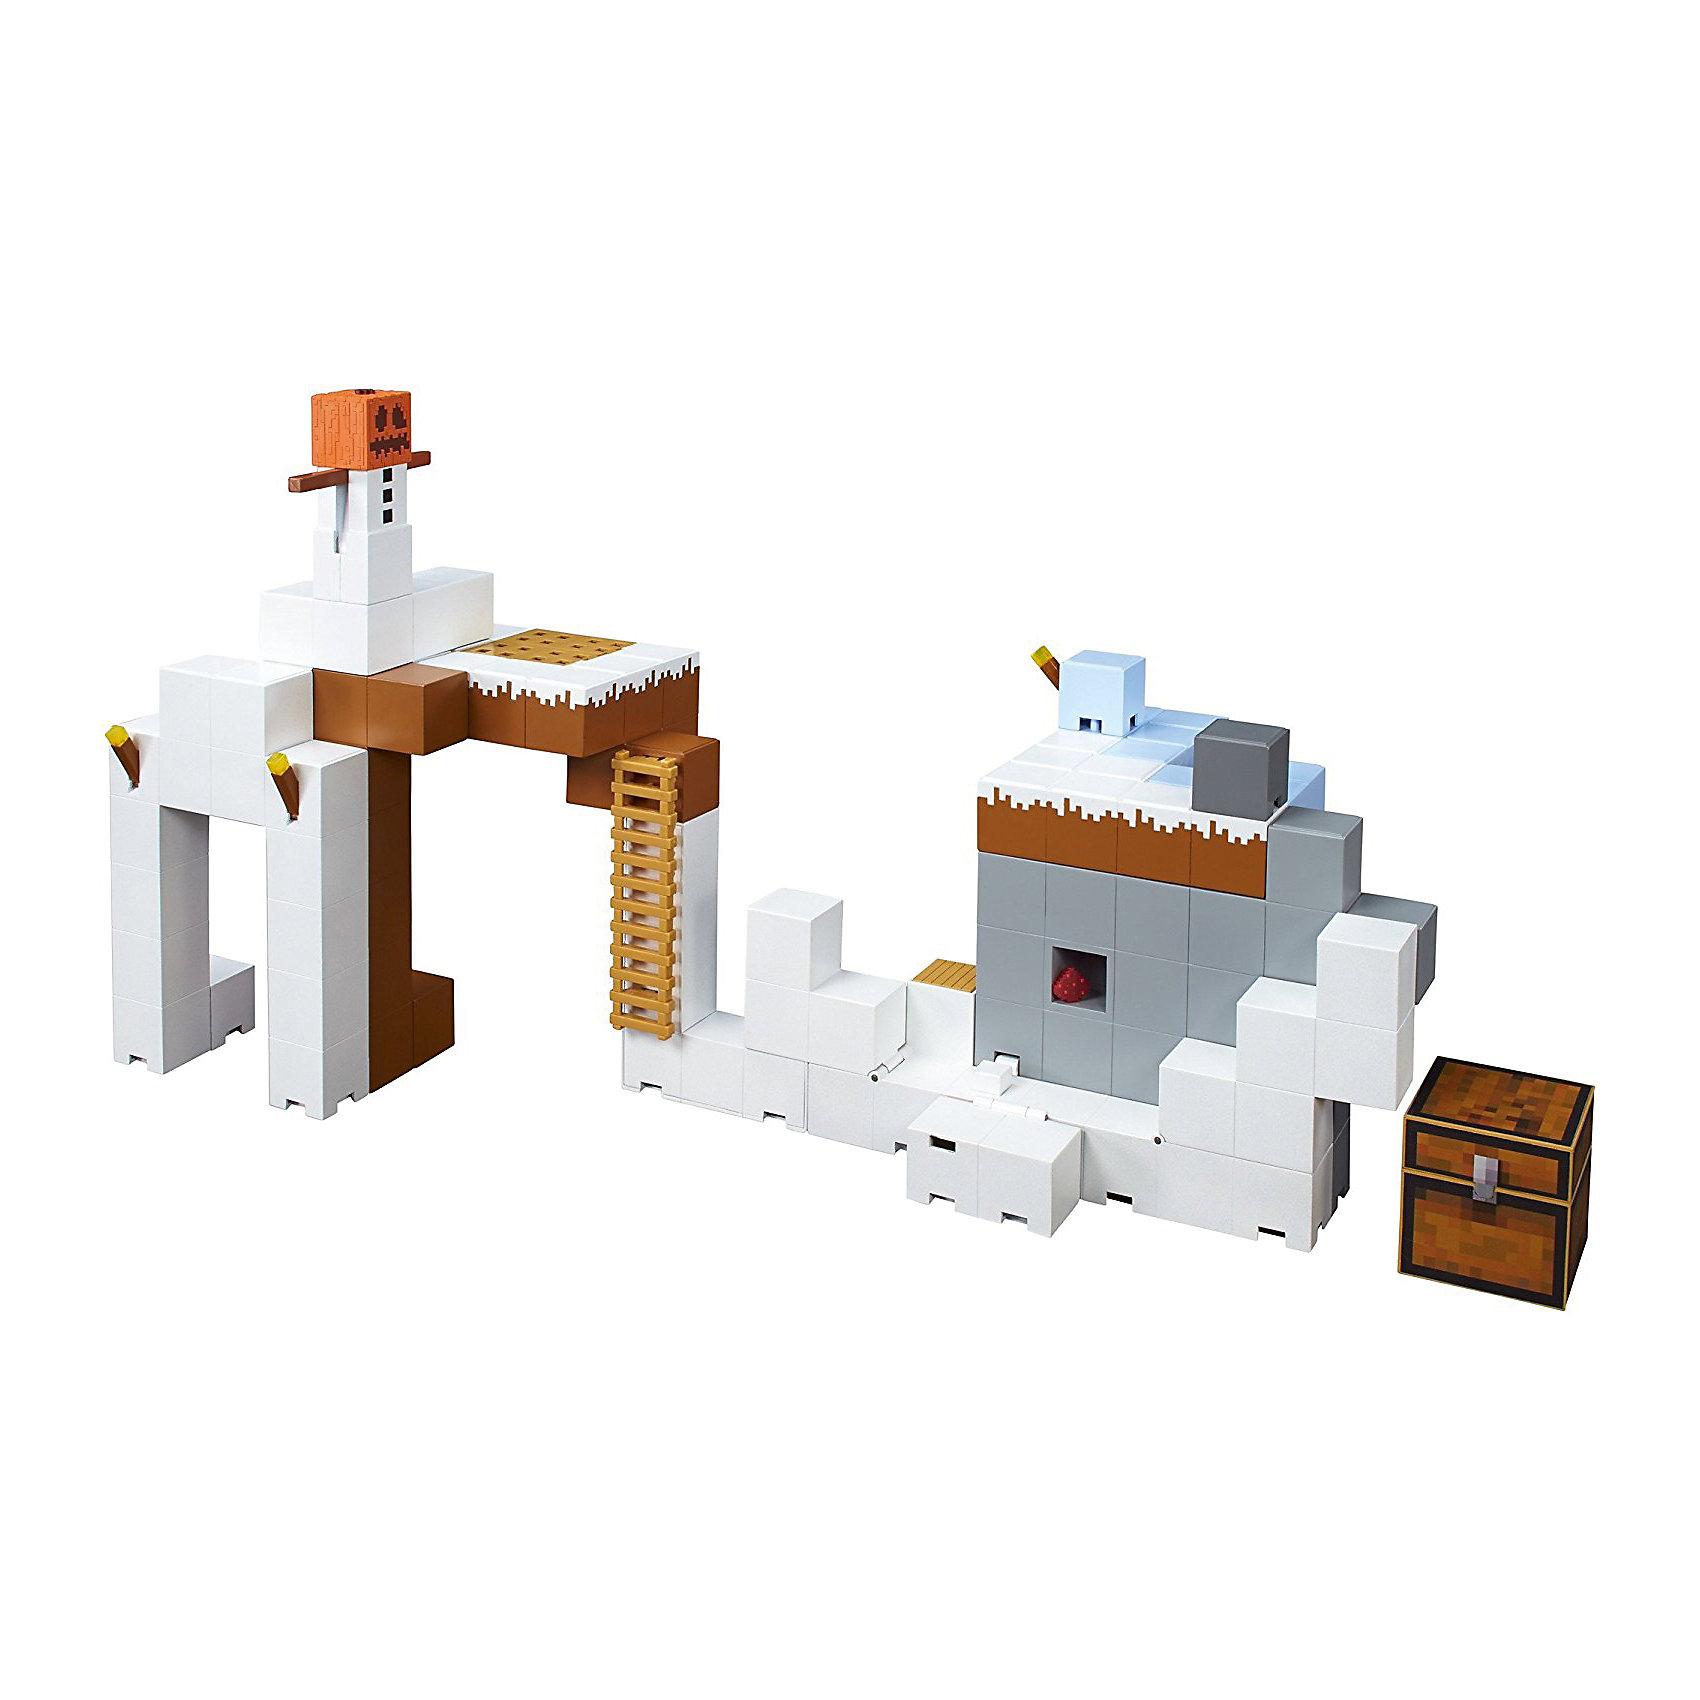 Майнкрафт: большой игровой наборЛюбимые герои<br>Характеристики товара:<br><br>• возраст: от 6 лет;<br>• материал: пластик;<br>• размер упаковки: 38х38х9 см;<br>• вес упаковки: 1,81 кг;<br>• страна производитель: Китай.<br><br>Большой игровой набор «Майнкрафт» создан по мотивам известной видеоигры. Из всех элементов предстоит построить свой собственный мир, в котором можно устраивать увлекательные игры по мотивам популярной видеоигры. <br><br>Большой игровой набор «Майнкрафт» можно приобрести в нашем интернет-магазине.<br><br>Ширина мм: 9999<br>Глубина мм: 9999<br>Высота мм: 9999<br>Вес г: 9999<br>Возраст от месяцев: 72<br>Возраст до месяцев: 2147483647<br>Пол: Мужской<br>Возраст: Детский<br>SKU: 5378204